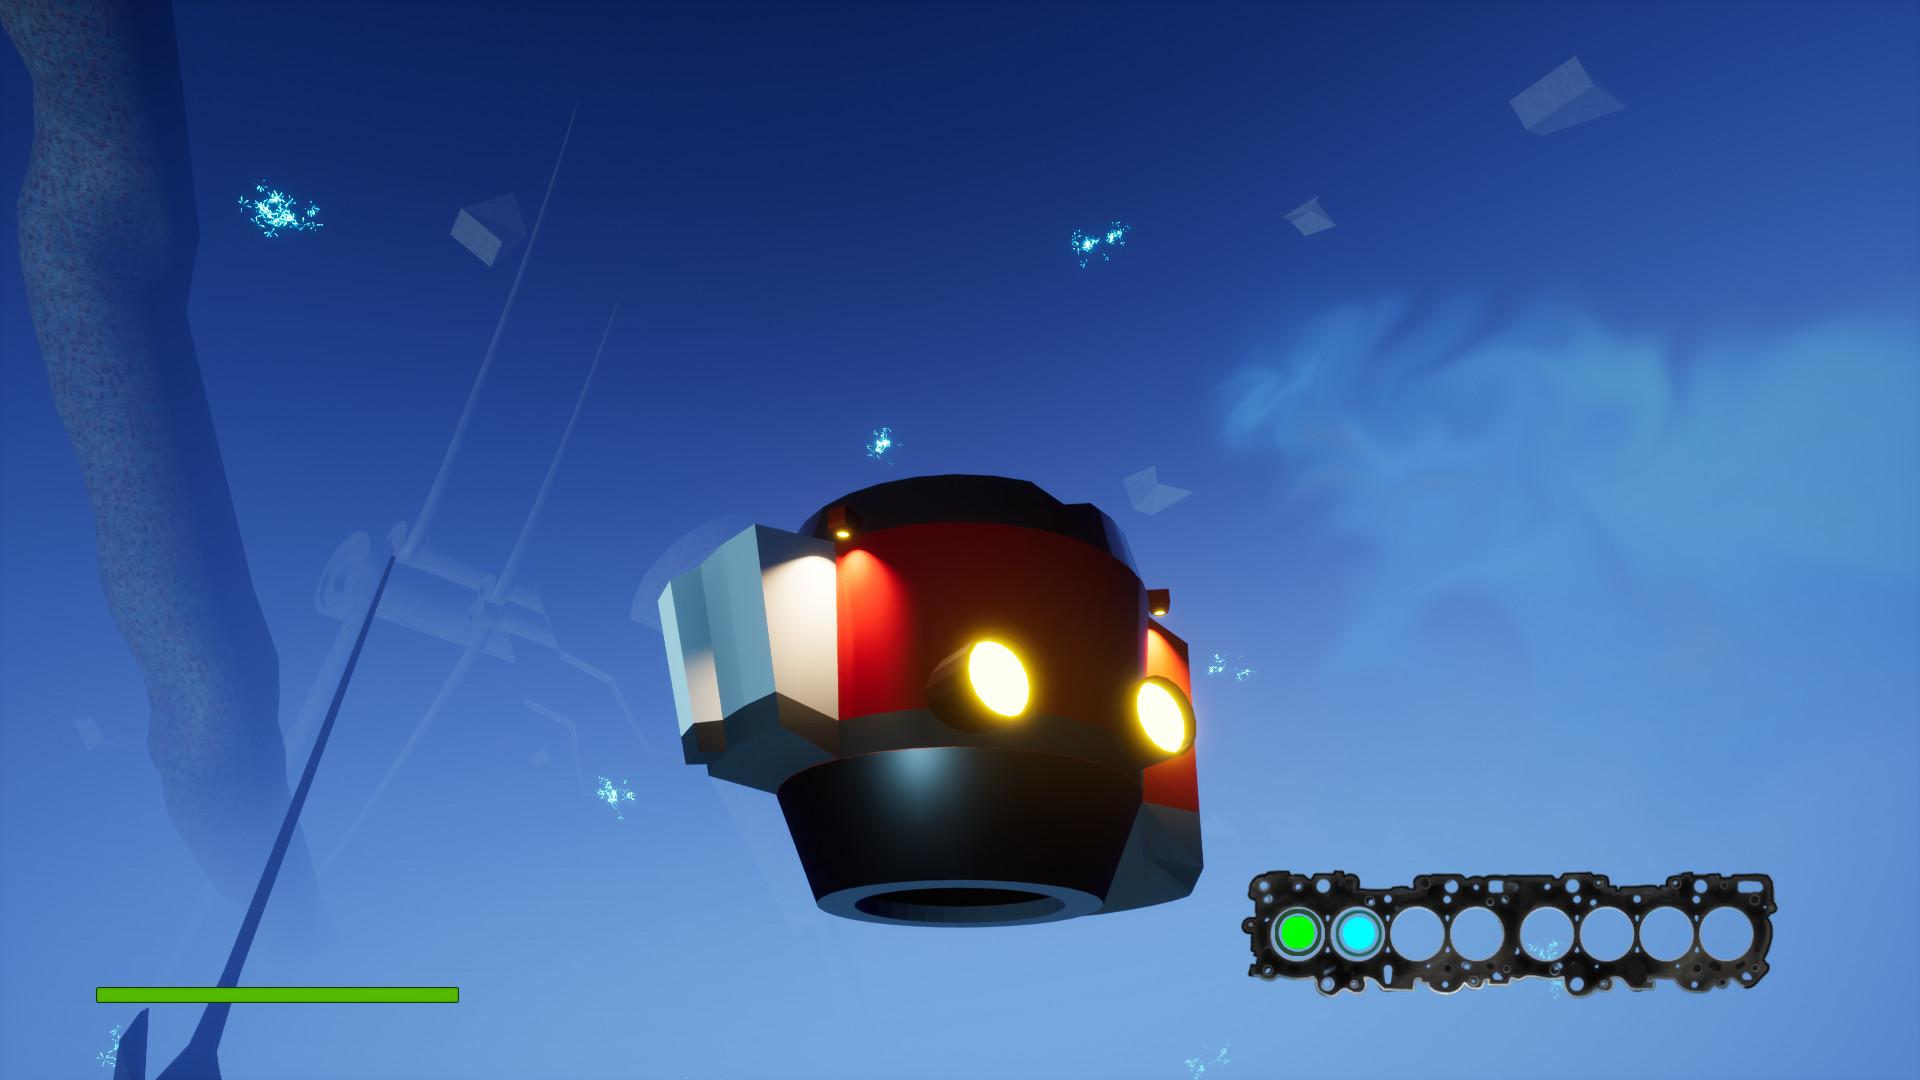 小无人机2图片